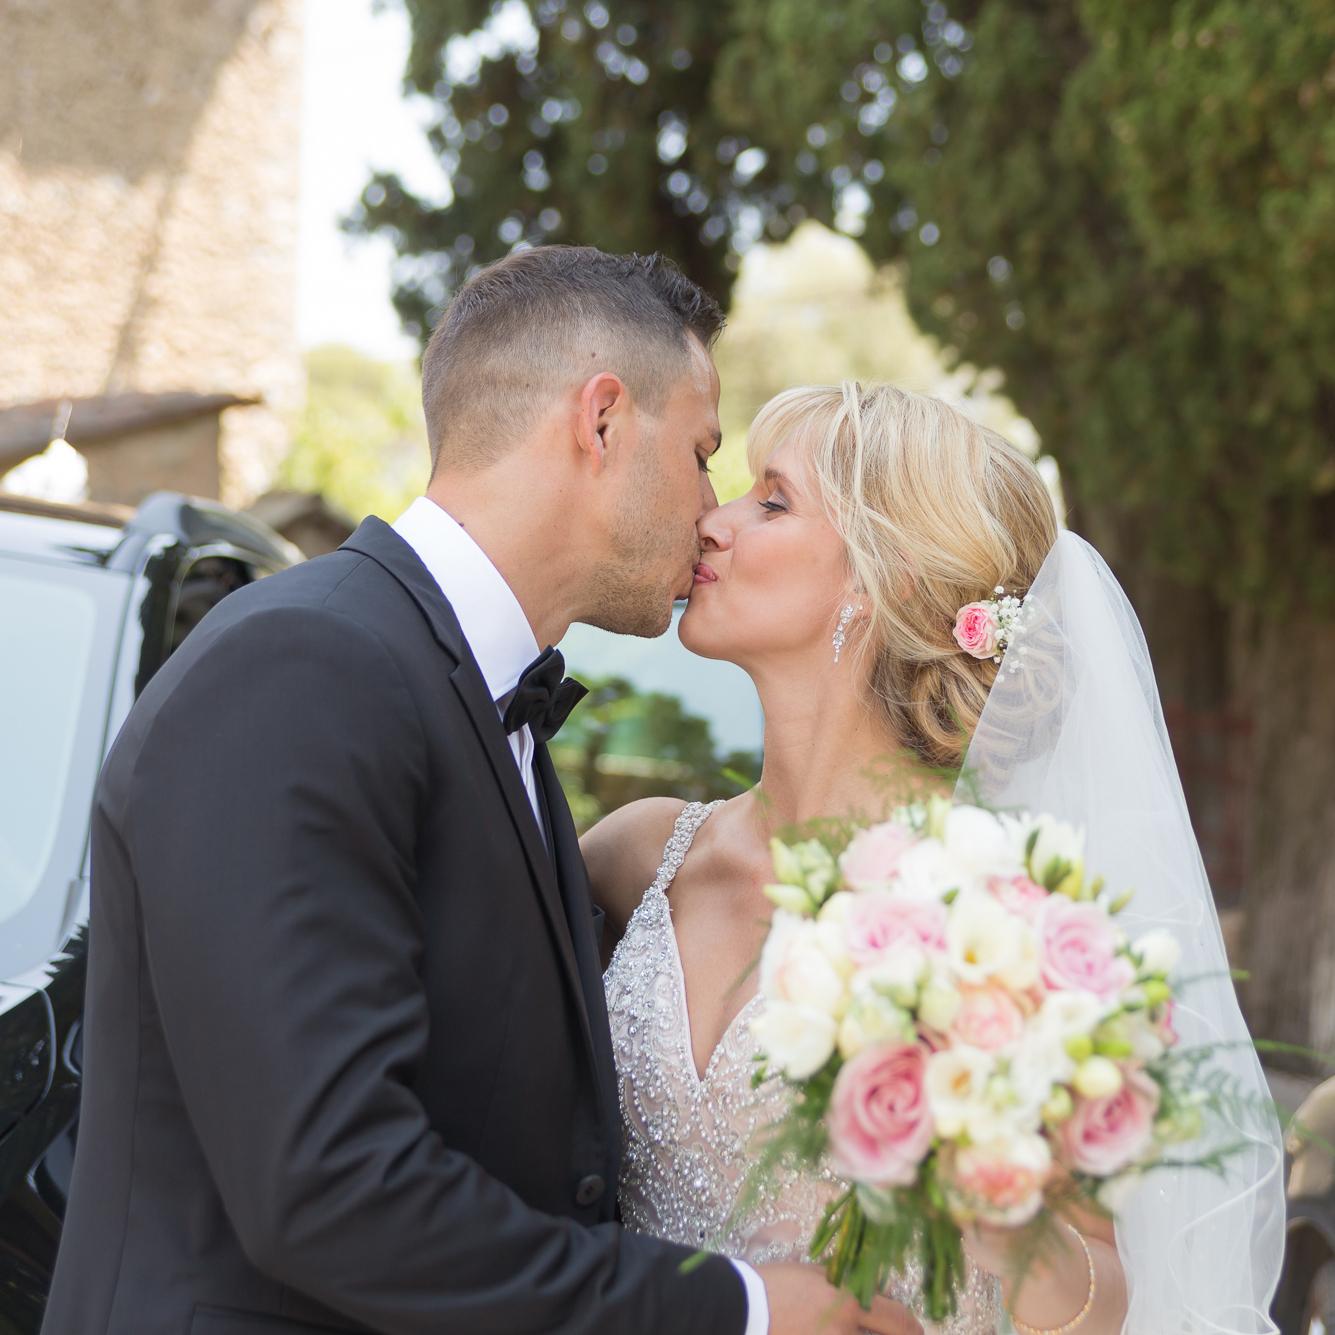 LE MARIAGE DE LAUREN & ANDY, ET LE BAPTÊME DE GIULIA, À MOUGINS